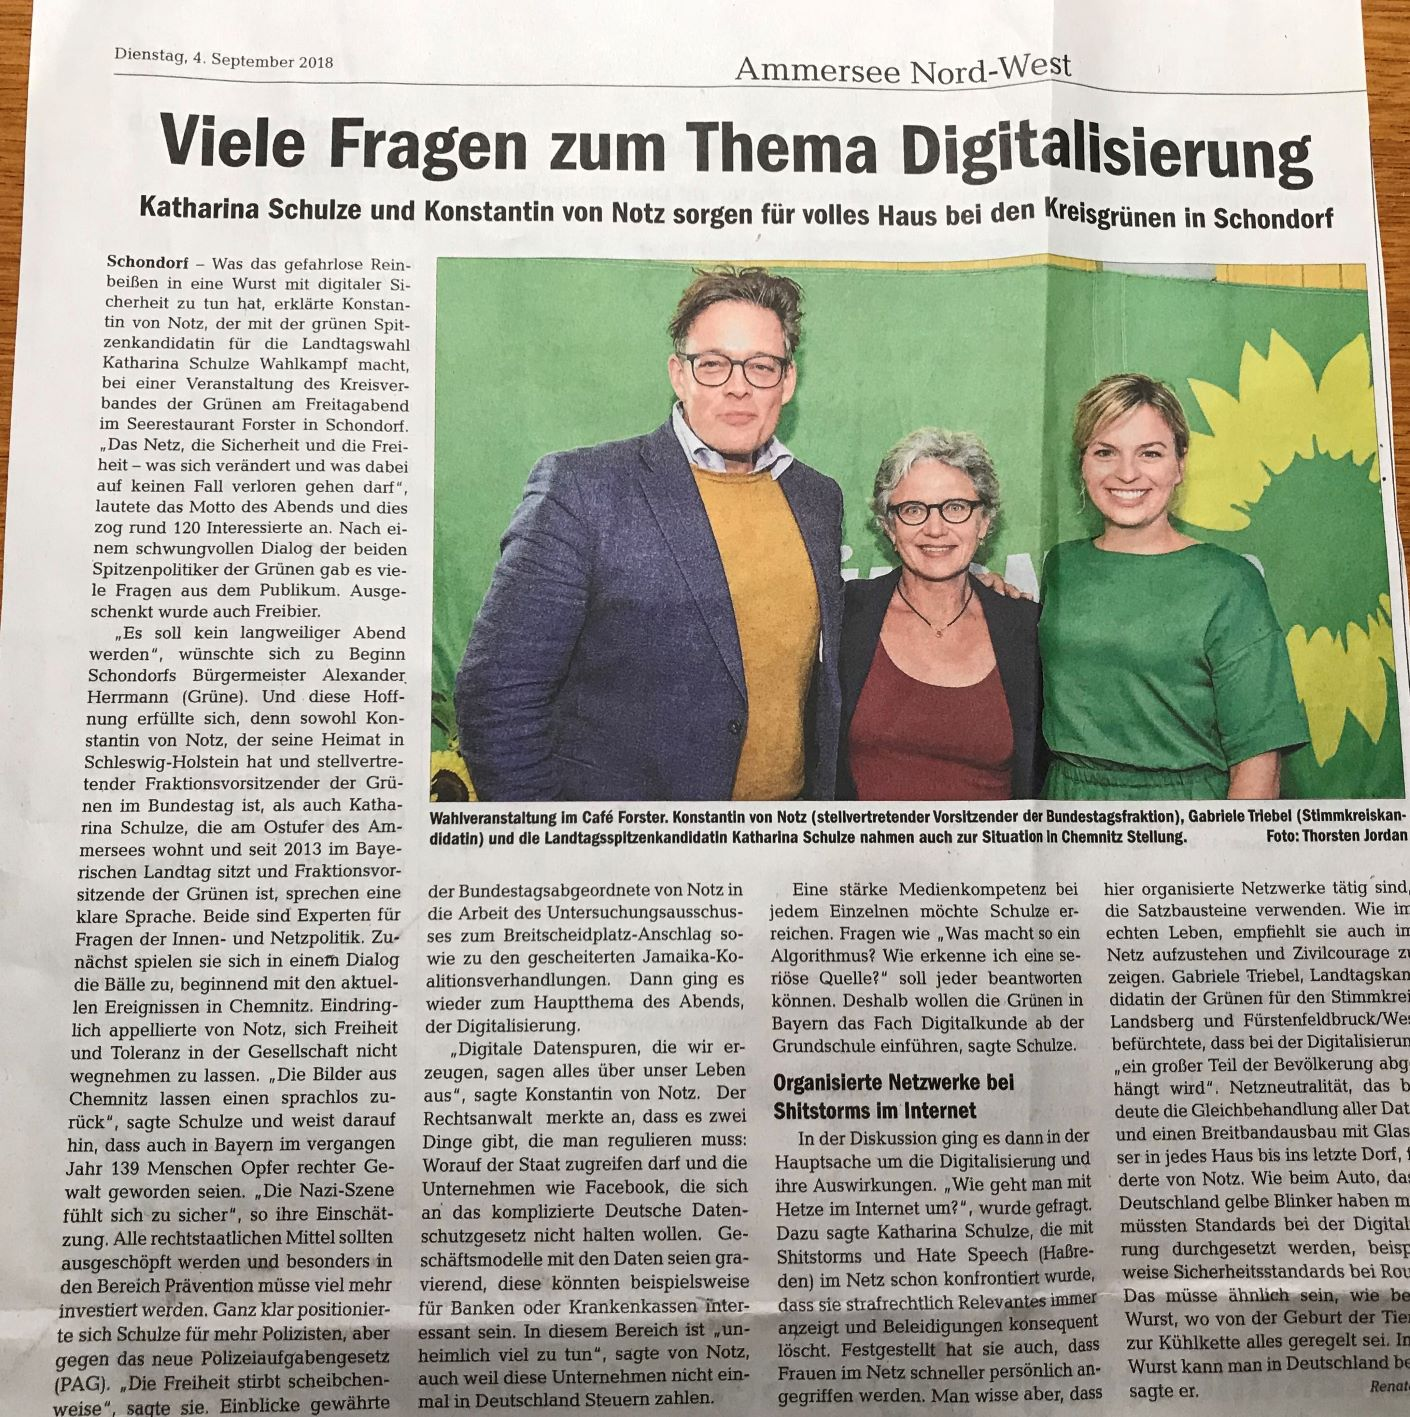 Tolle Veranstaltung mit Katharina Schulze und Konstantin von Notz